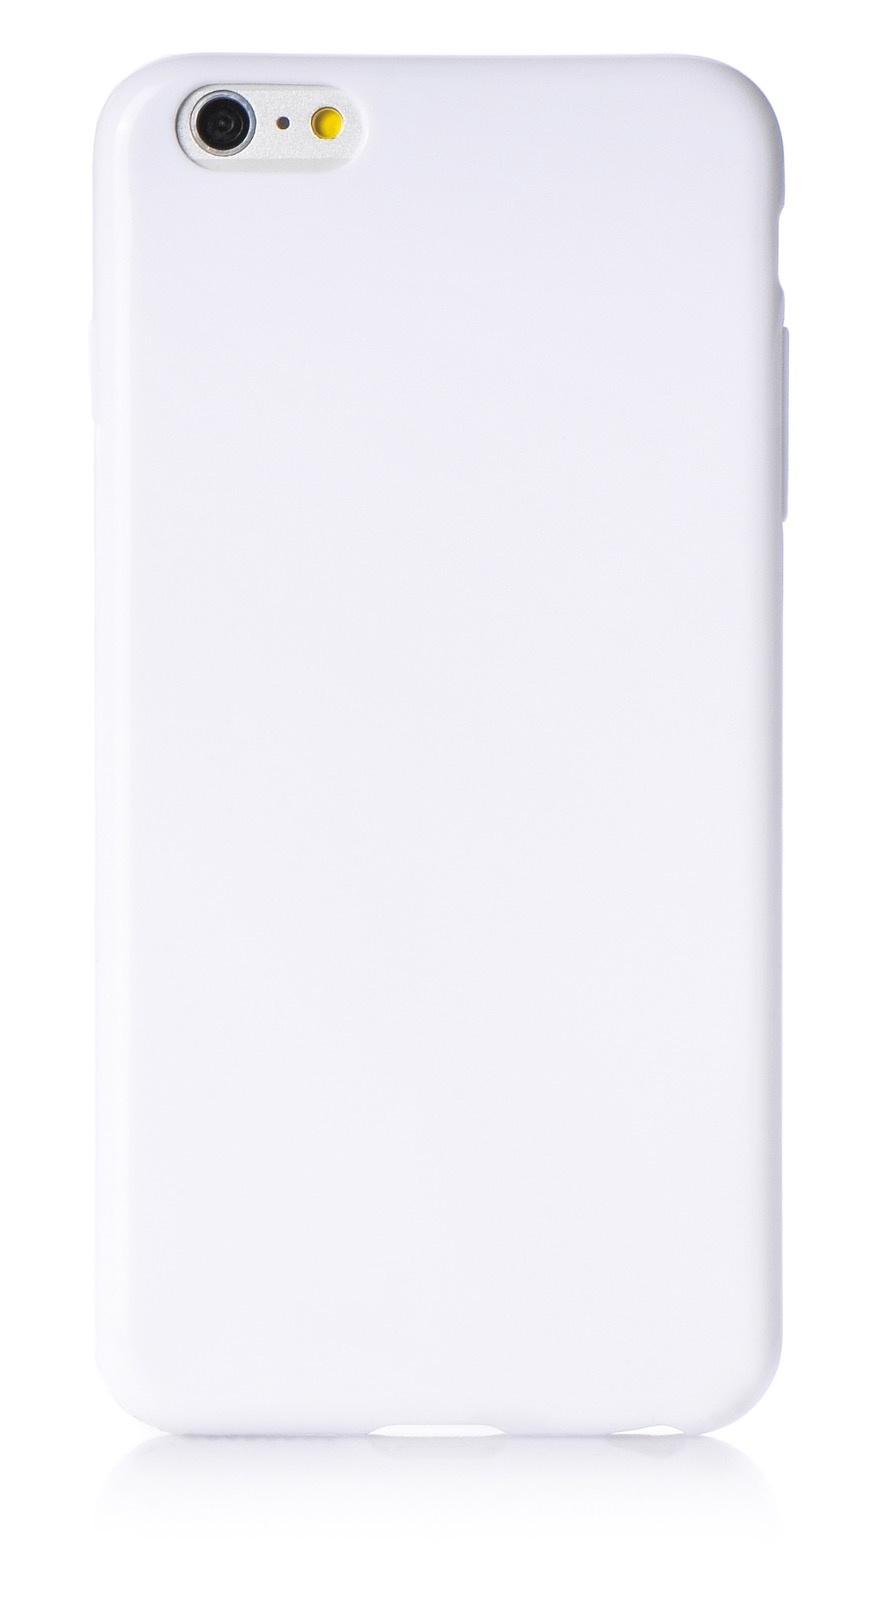 """Чехол для сотового телефона iNeez накладка силикон мыльница 620117 для Apple Iphone 6 Plus/6S Plus 5.5"""", белый"""